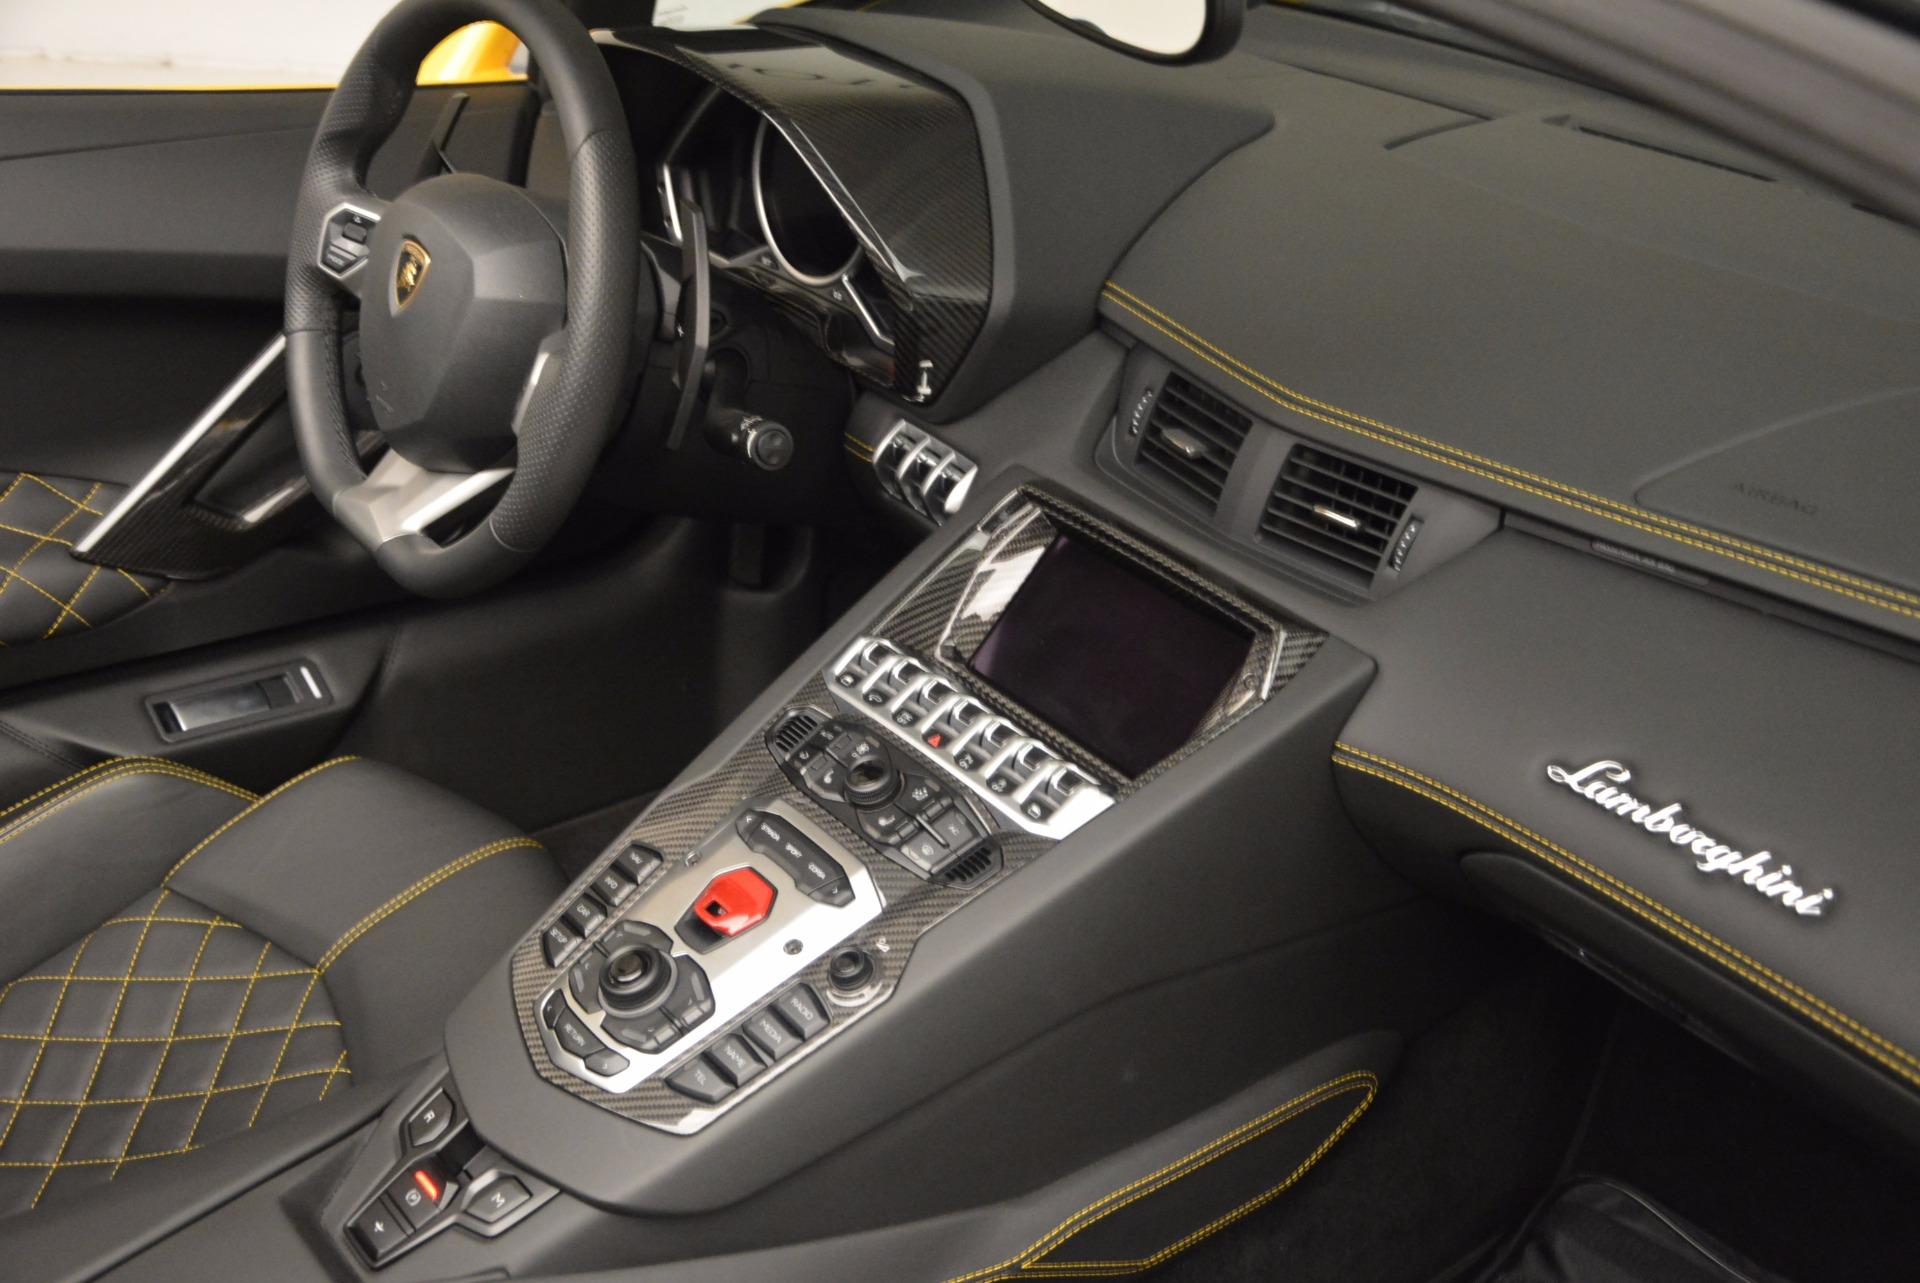 Used 2015 Lamborghini Aventador LP 700-4 Roadster For Sale In Greenwich, CT. Alfa Romeo of Greenwich, 7284 1774_p26